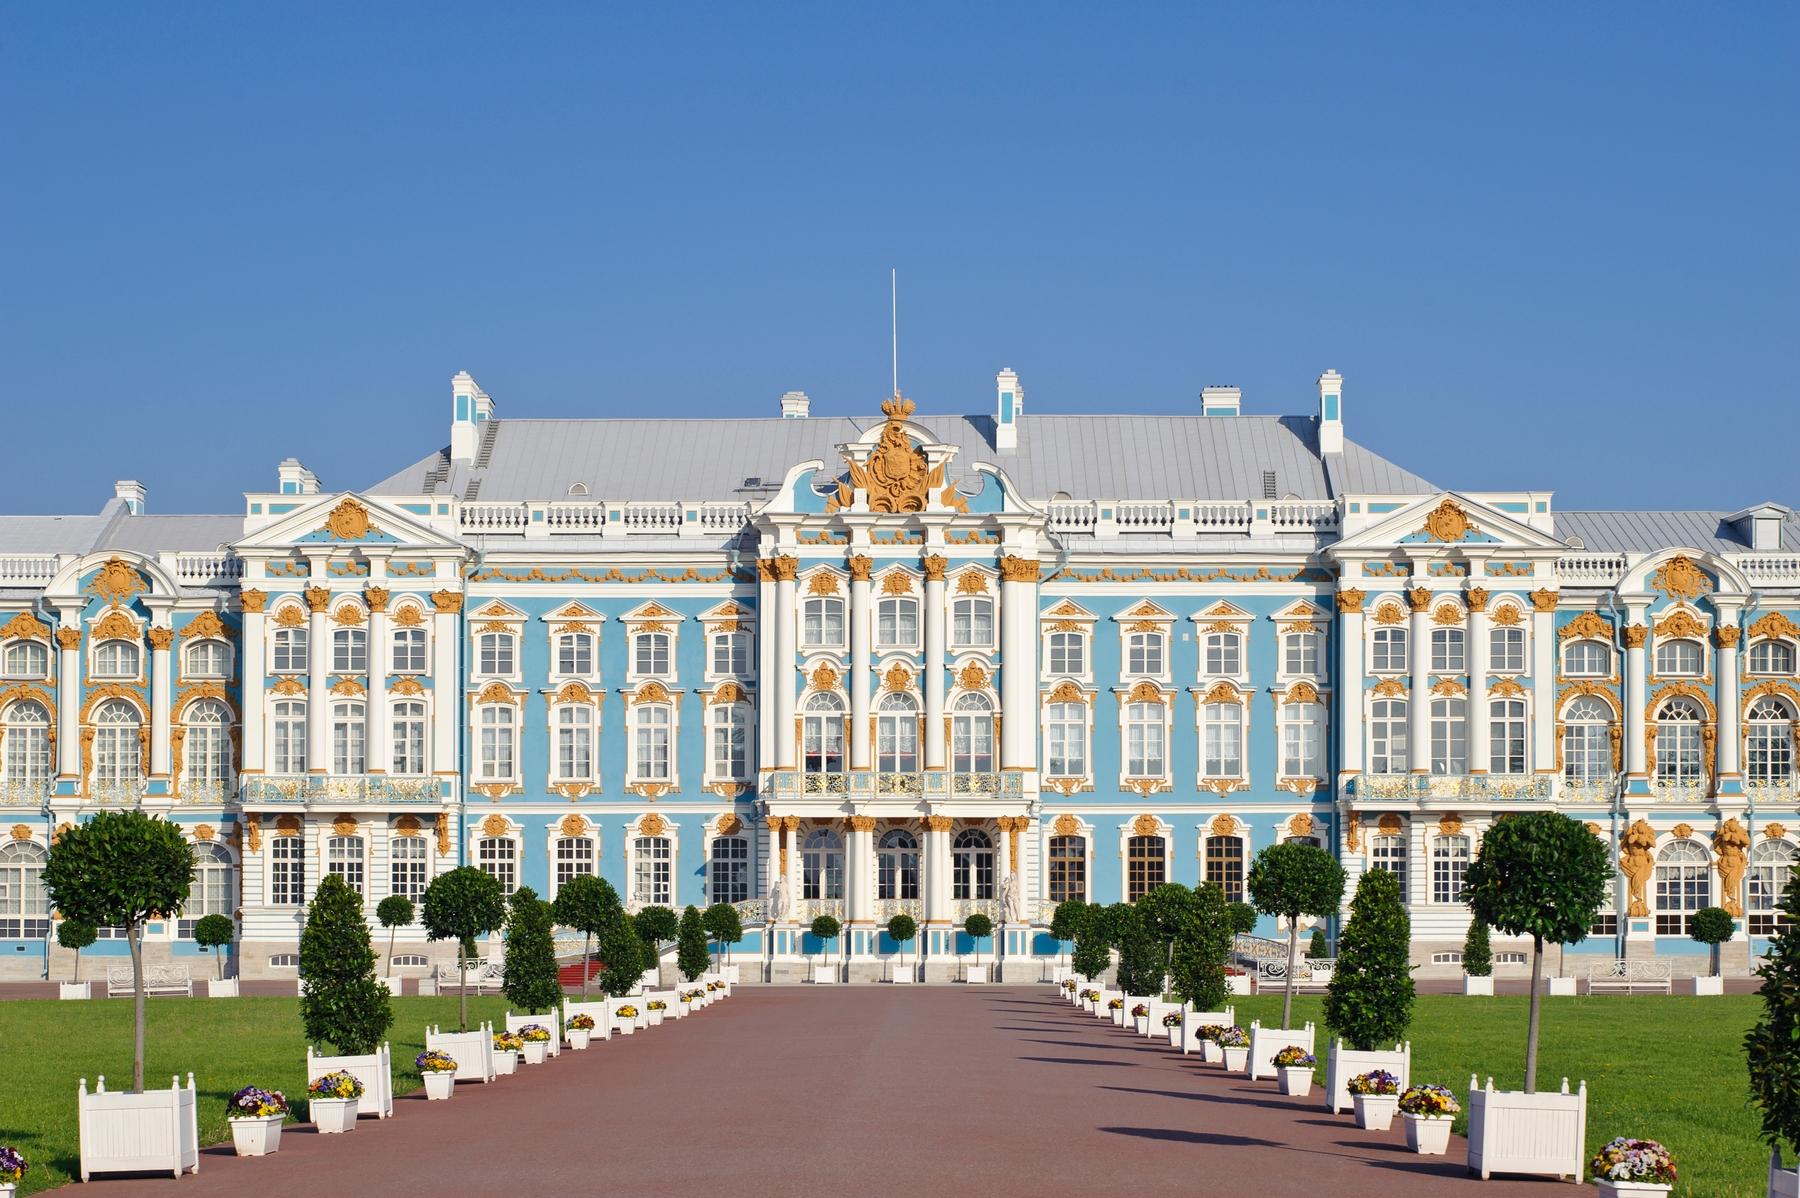 Дворцы и парки России: в списке самых впечатляющих — Екатерининский дворец в Царском Селе